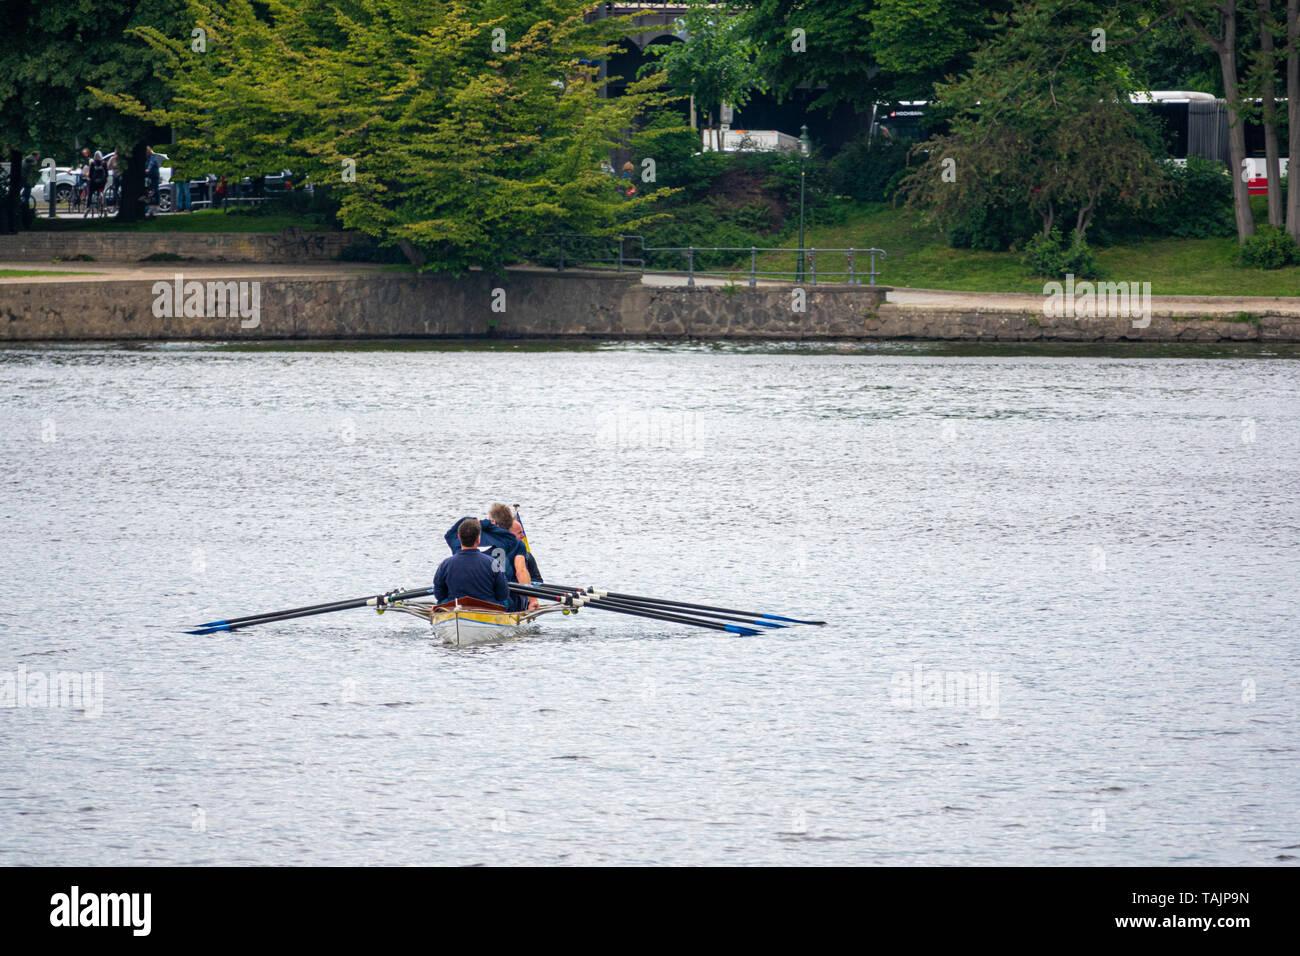 Ruderer sitzen in einem Boot und für den Start des Rennens warten. Stockfoto